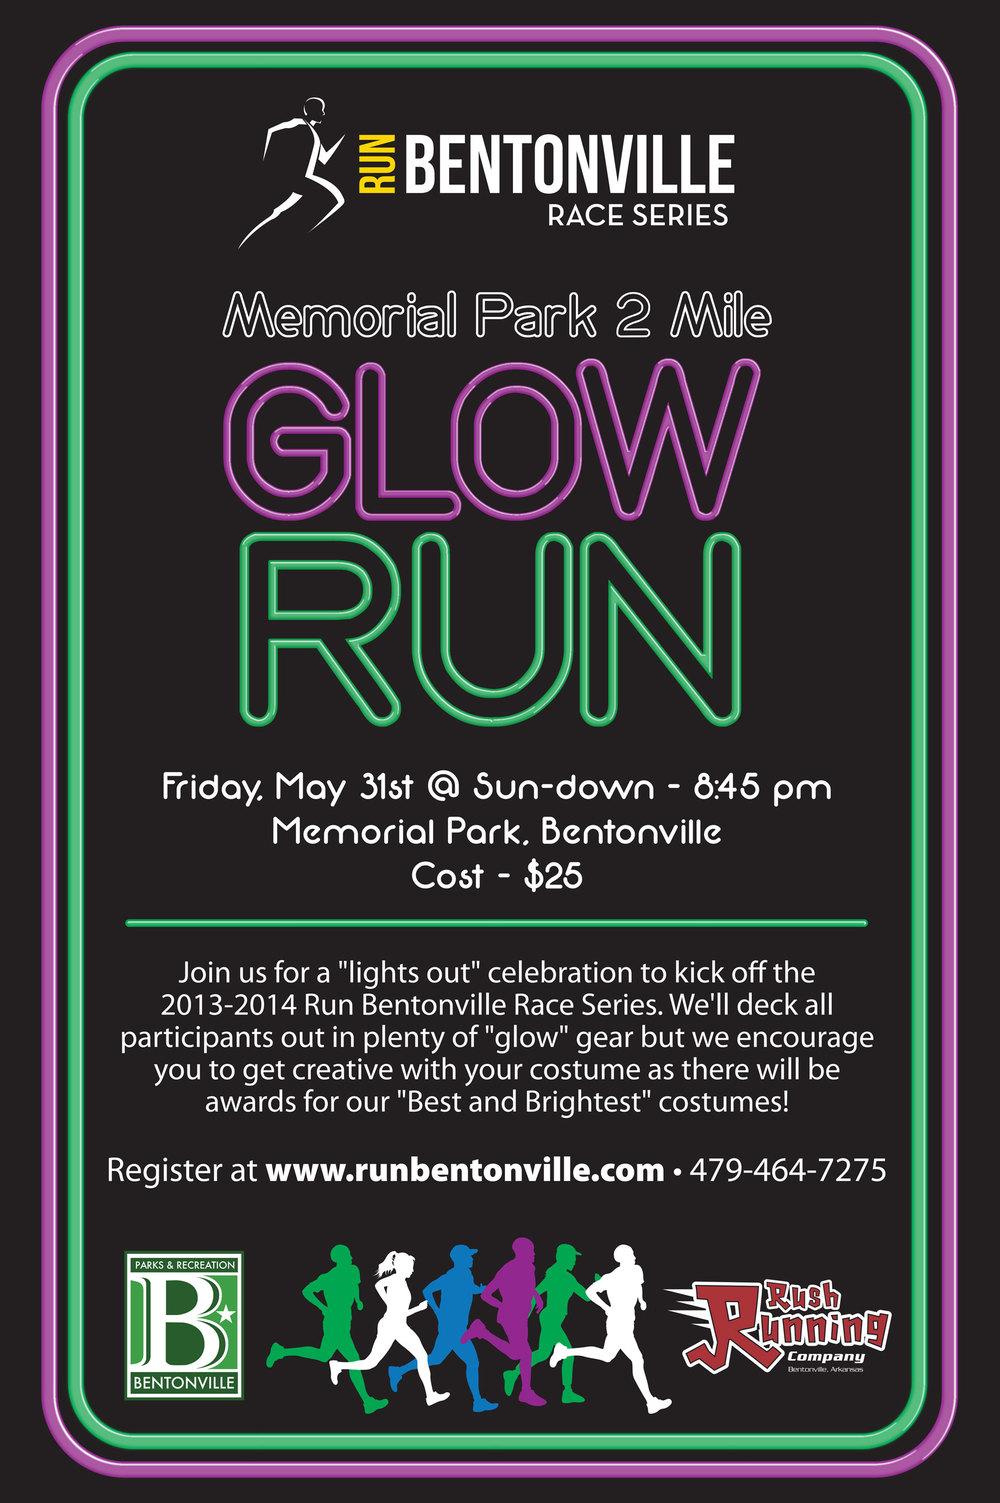 11x17-Glow-Run-poster